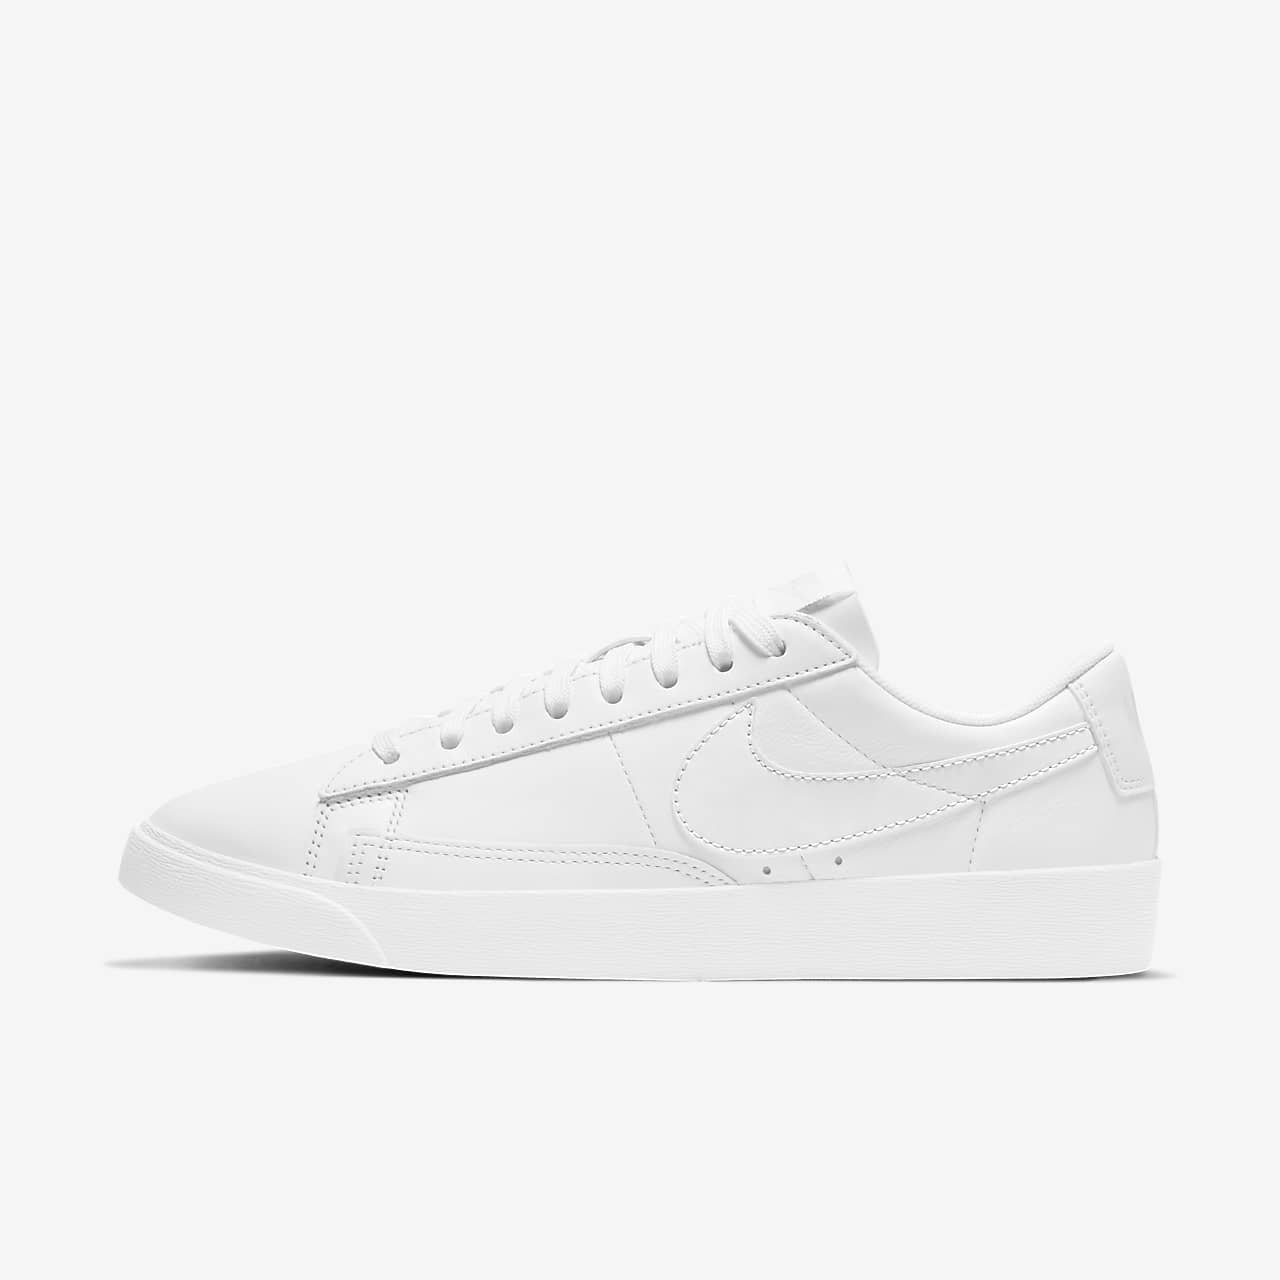 Calzado Le Para Mujer Nike Blazer Low dBErCoWxQe